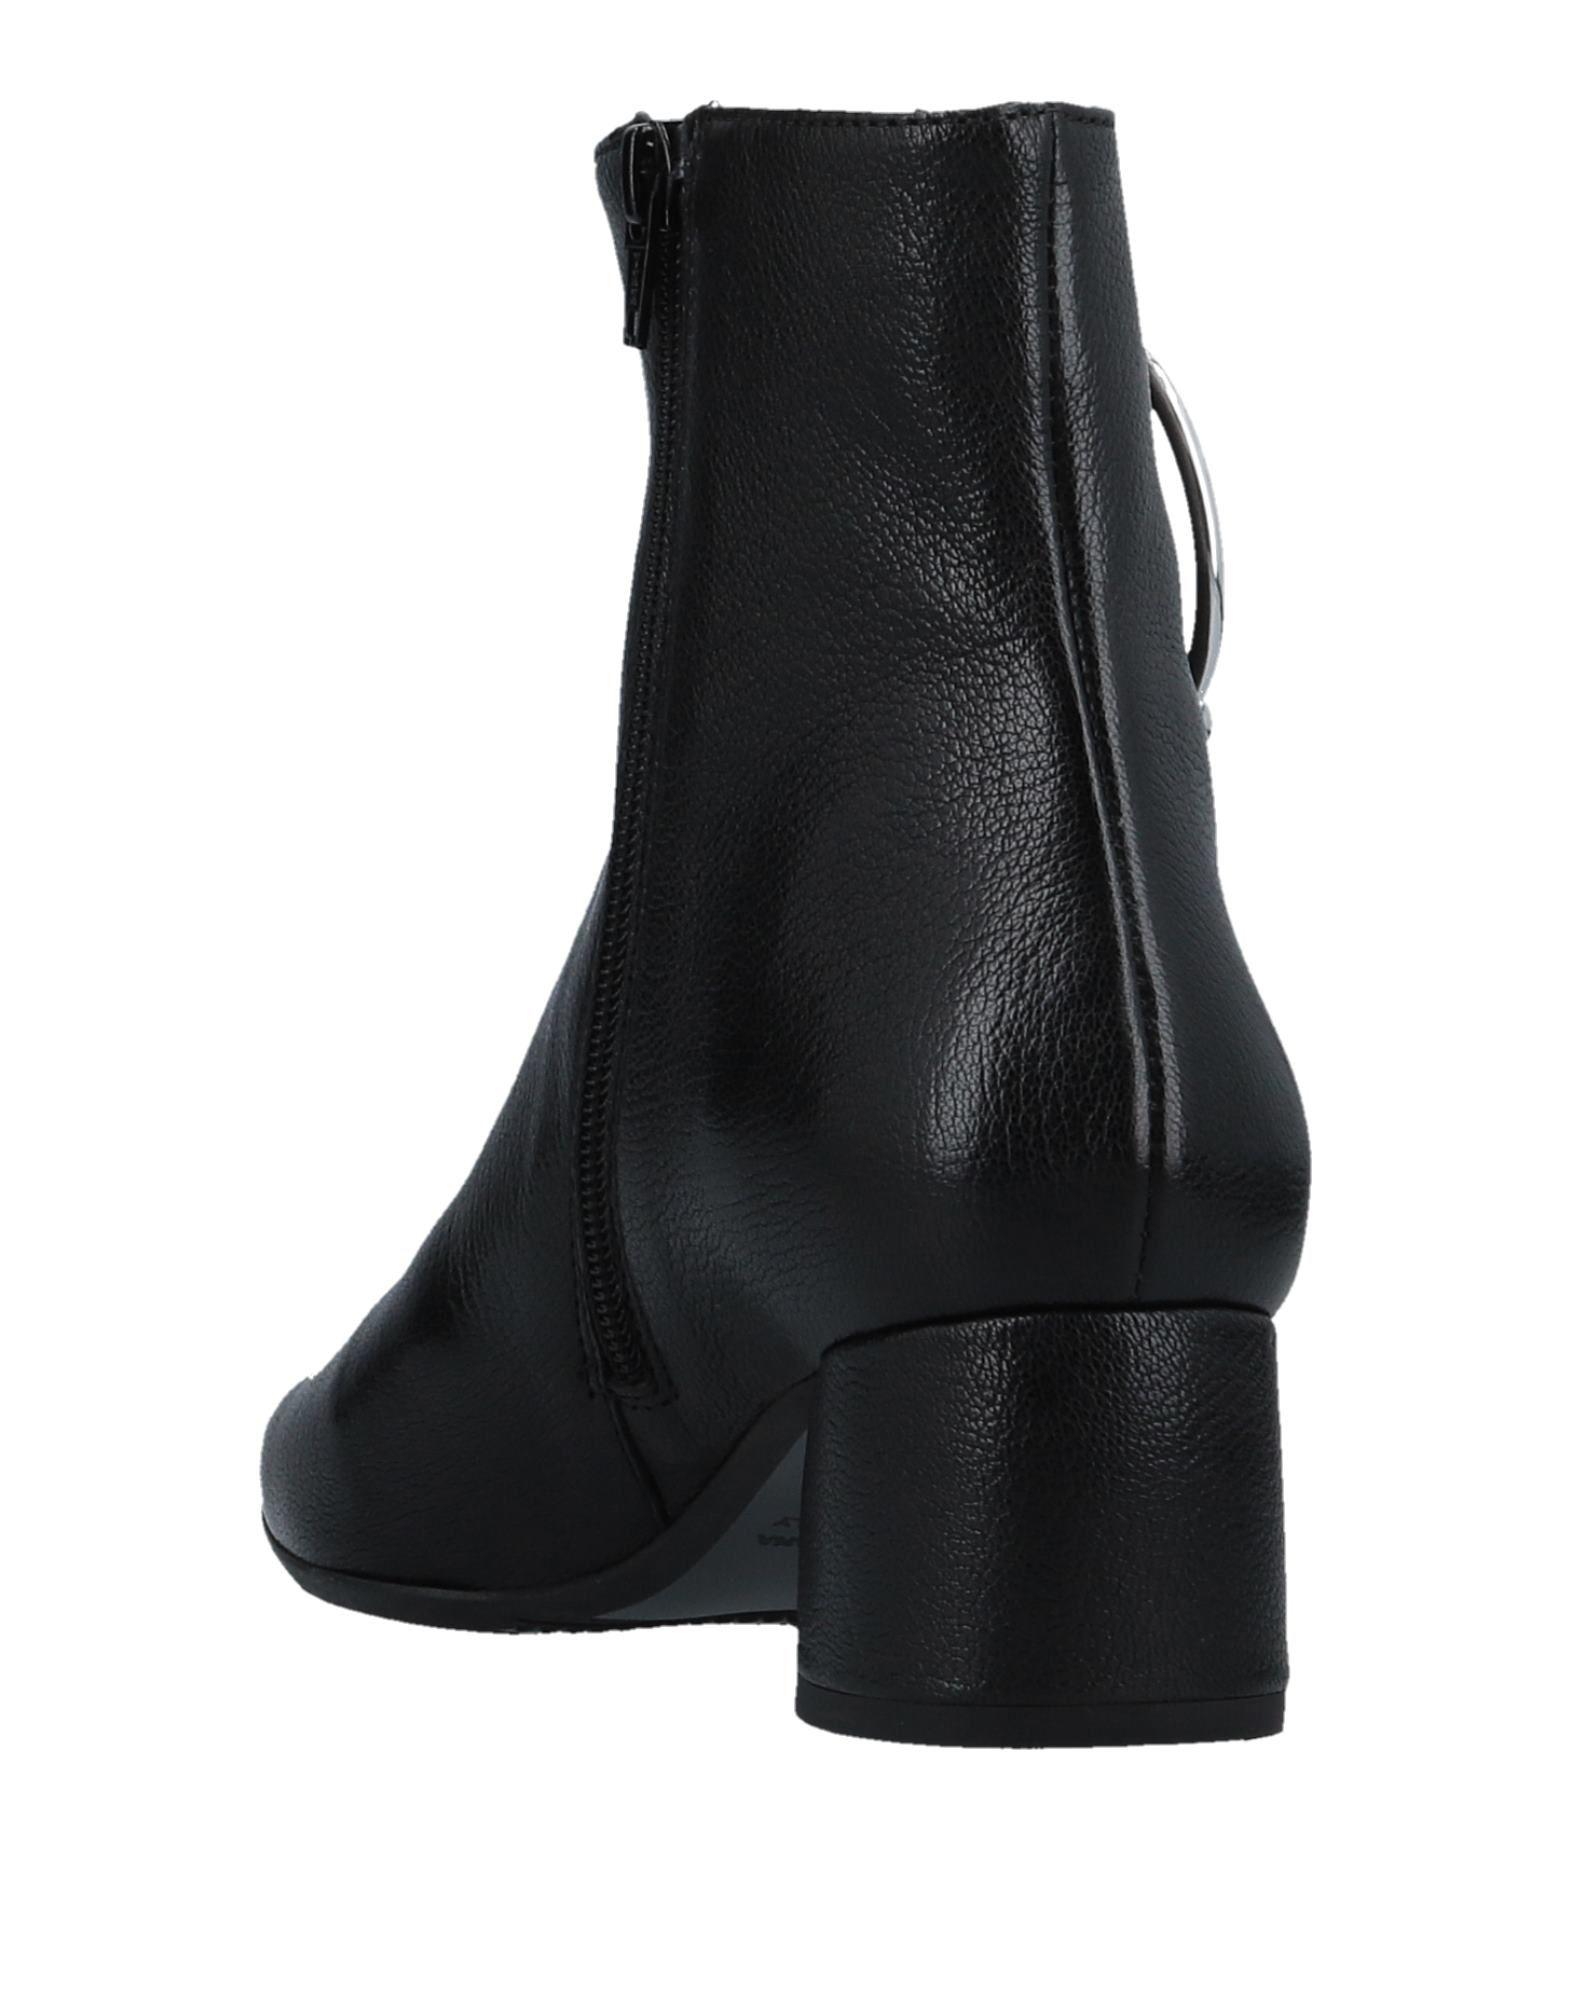 Gut um billige Stiefelette Schuhe zu tragenMichael Dass Stiefelette billige Damen  11511885WF 3c0e0f